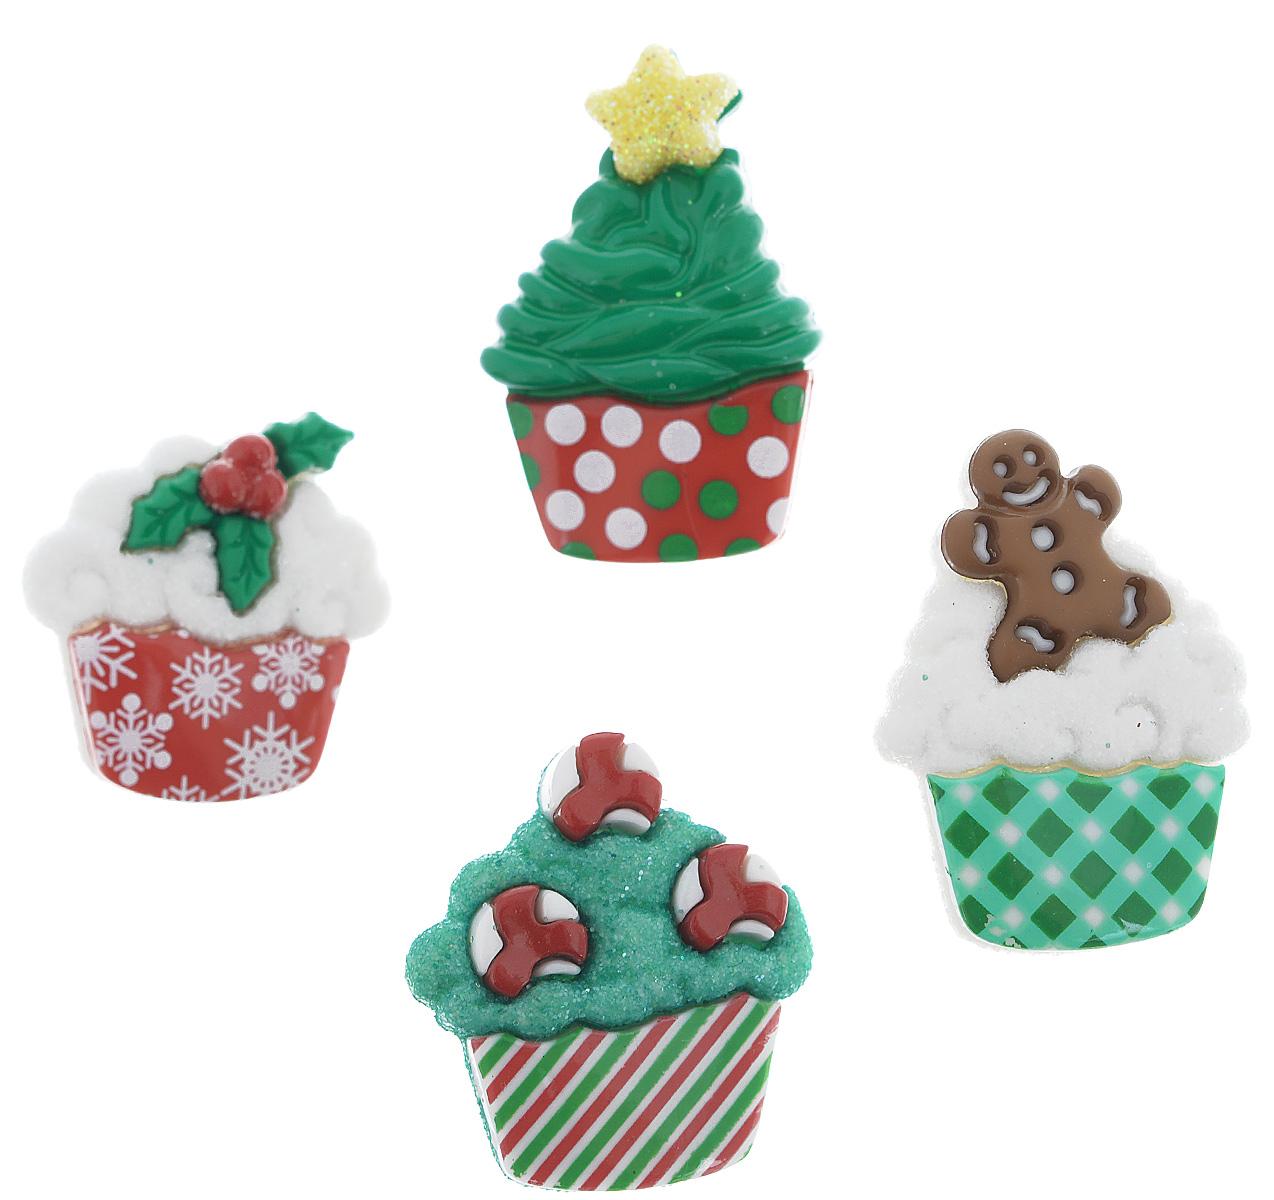 Пуговицы декоративные Dress It Up Рождественские пирожные, 4 шт7713491Пуговицы декоративные Dress It Up Рождественские пирожные состоит из 4 декоративных пуговиц, выполненных из цветного пластика в виде пирожных с различными наполнителями. Такие пуговицы подходят для любых видов творчества: скрапбукинга, декорирования, шитья, изготовления кукол, а также для оформления одежды. С их помощью вы сможете украсить открытку, фотографию, альбом, подарок и другие предметы ручной работы. Пуговицы разных цветов имеют оригинальный и яркий дизайн. Средний размер пуговиц: 2,5 см х 1,8 см х 0,3 см.